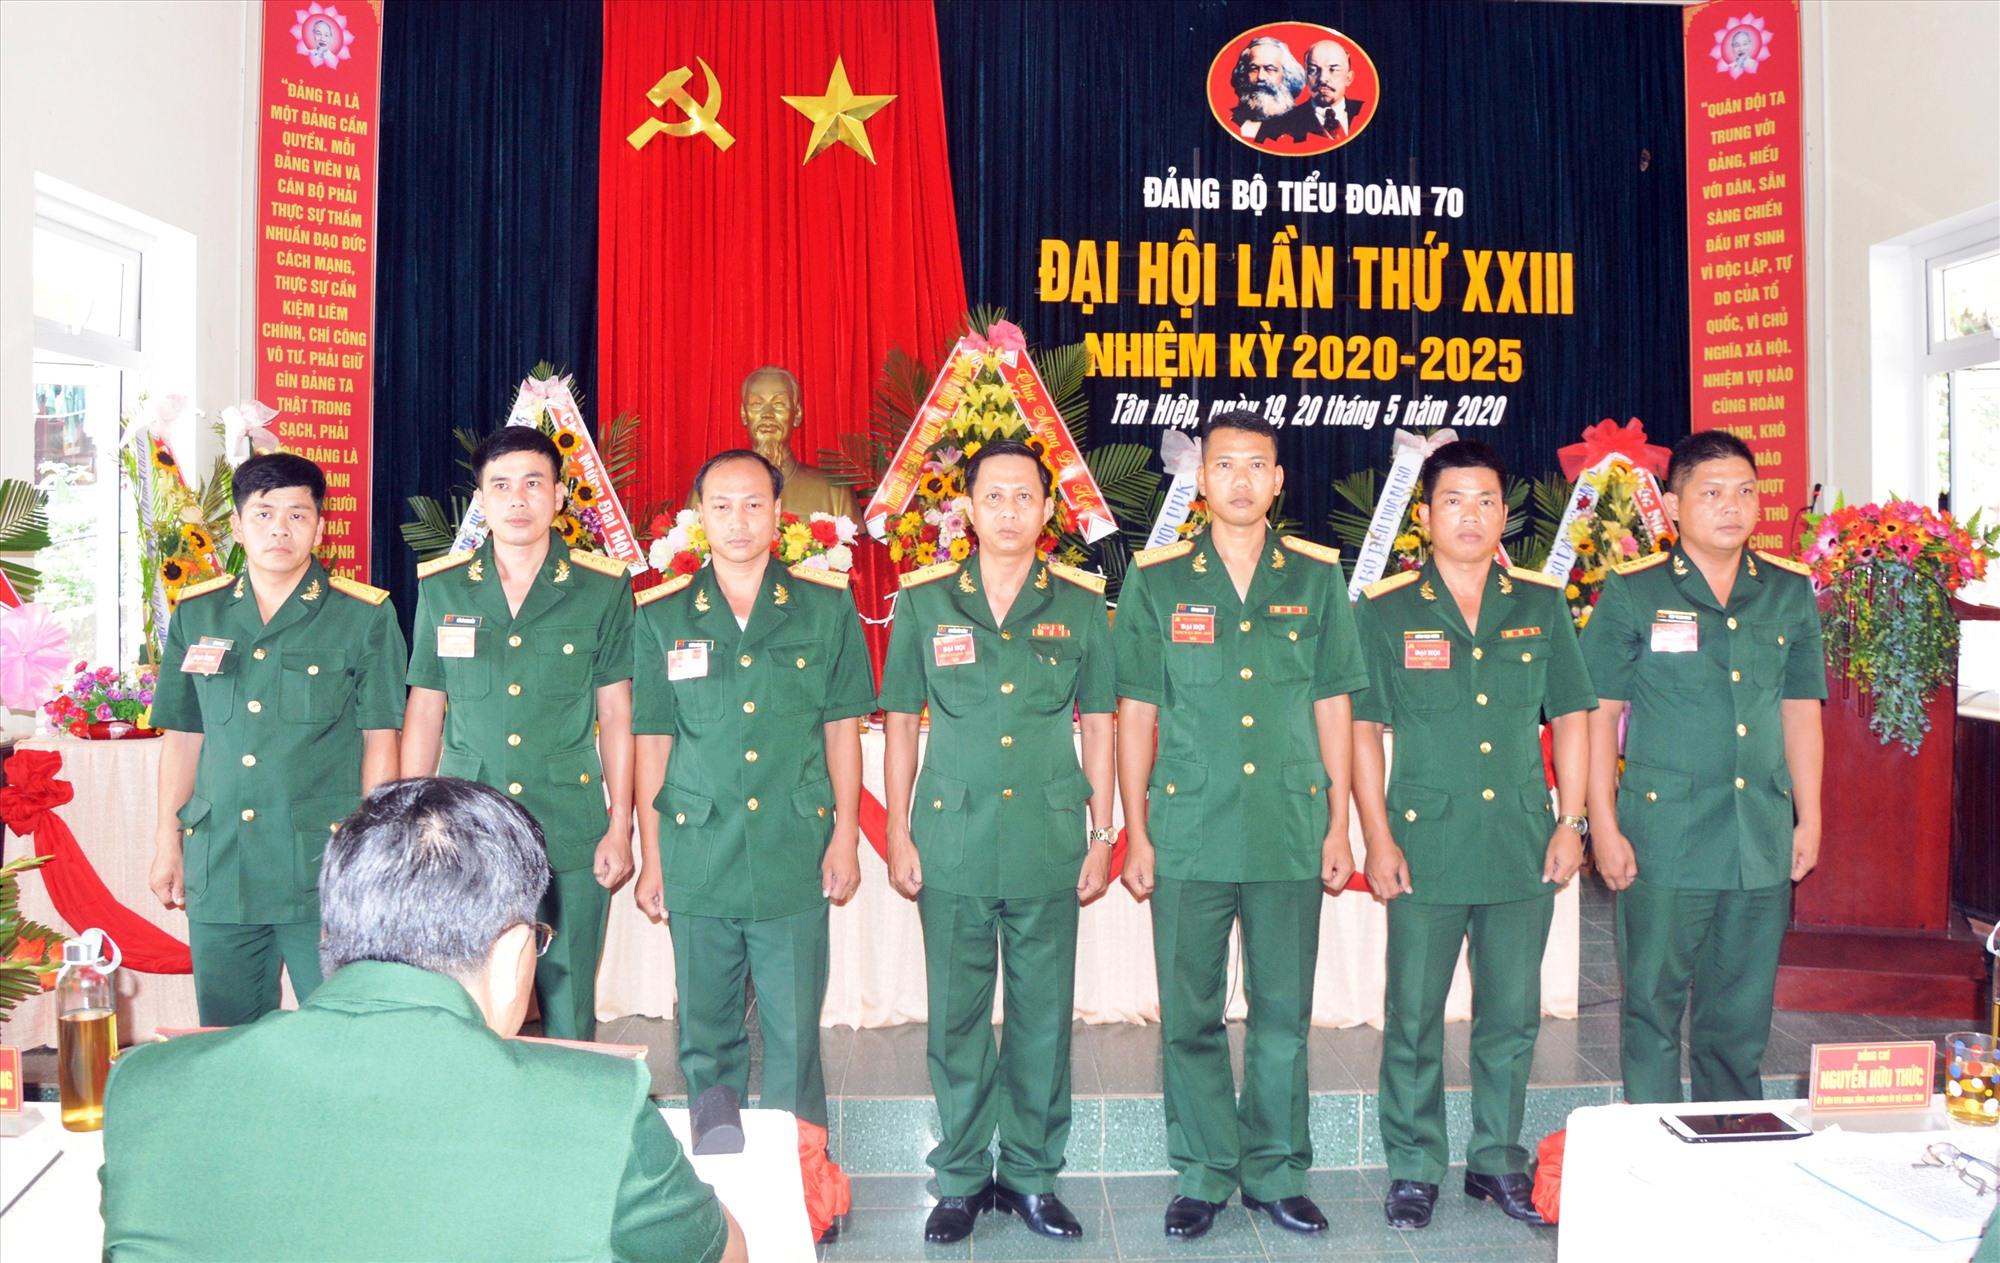 Ban chấp hành Đảng bộ Tiểu đoàn 70, nhiệm kỳ 2020-2025 ra mắt tại Đại hội.